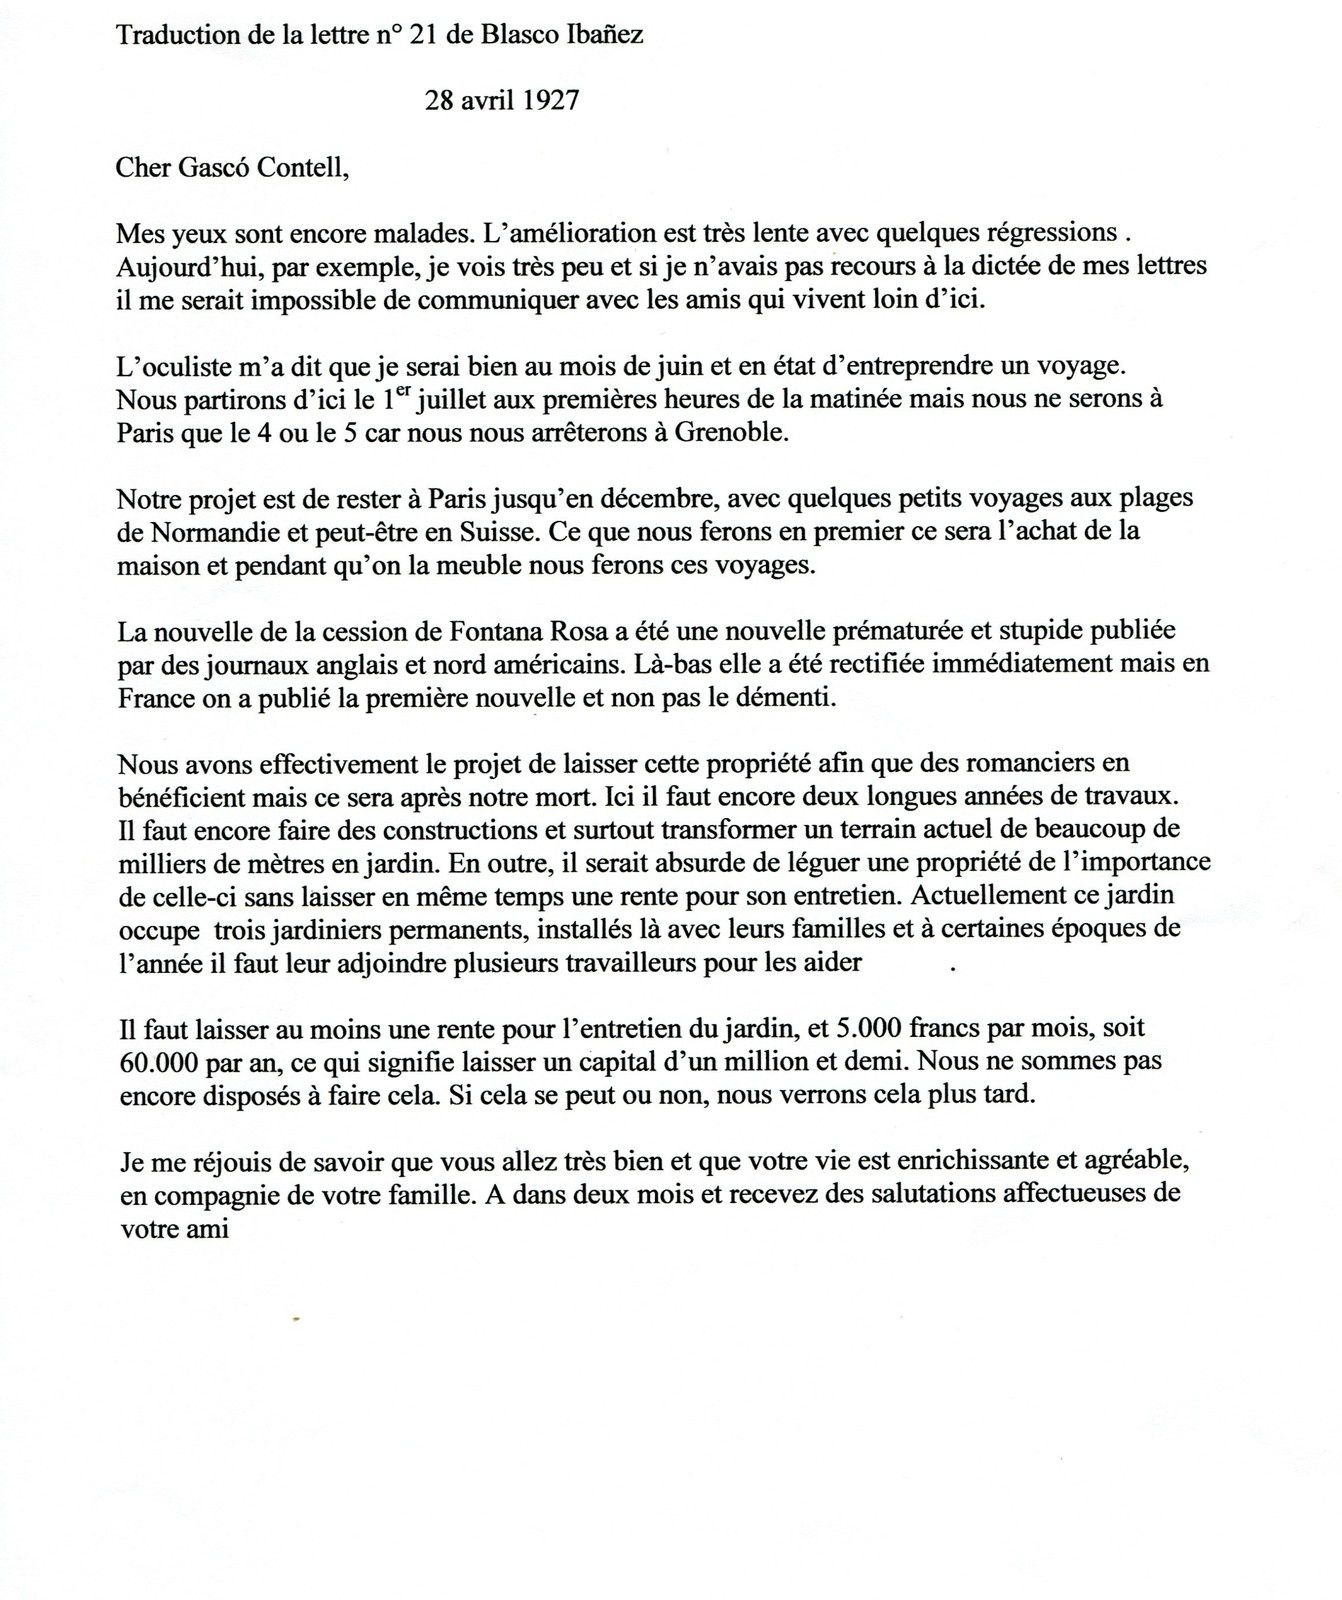 Lettres de Vicente Blasco Ibañez de mars et avril 1927 à Fontana Rosa à Menton